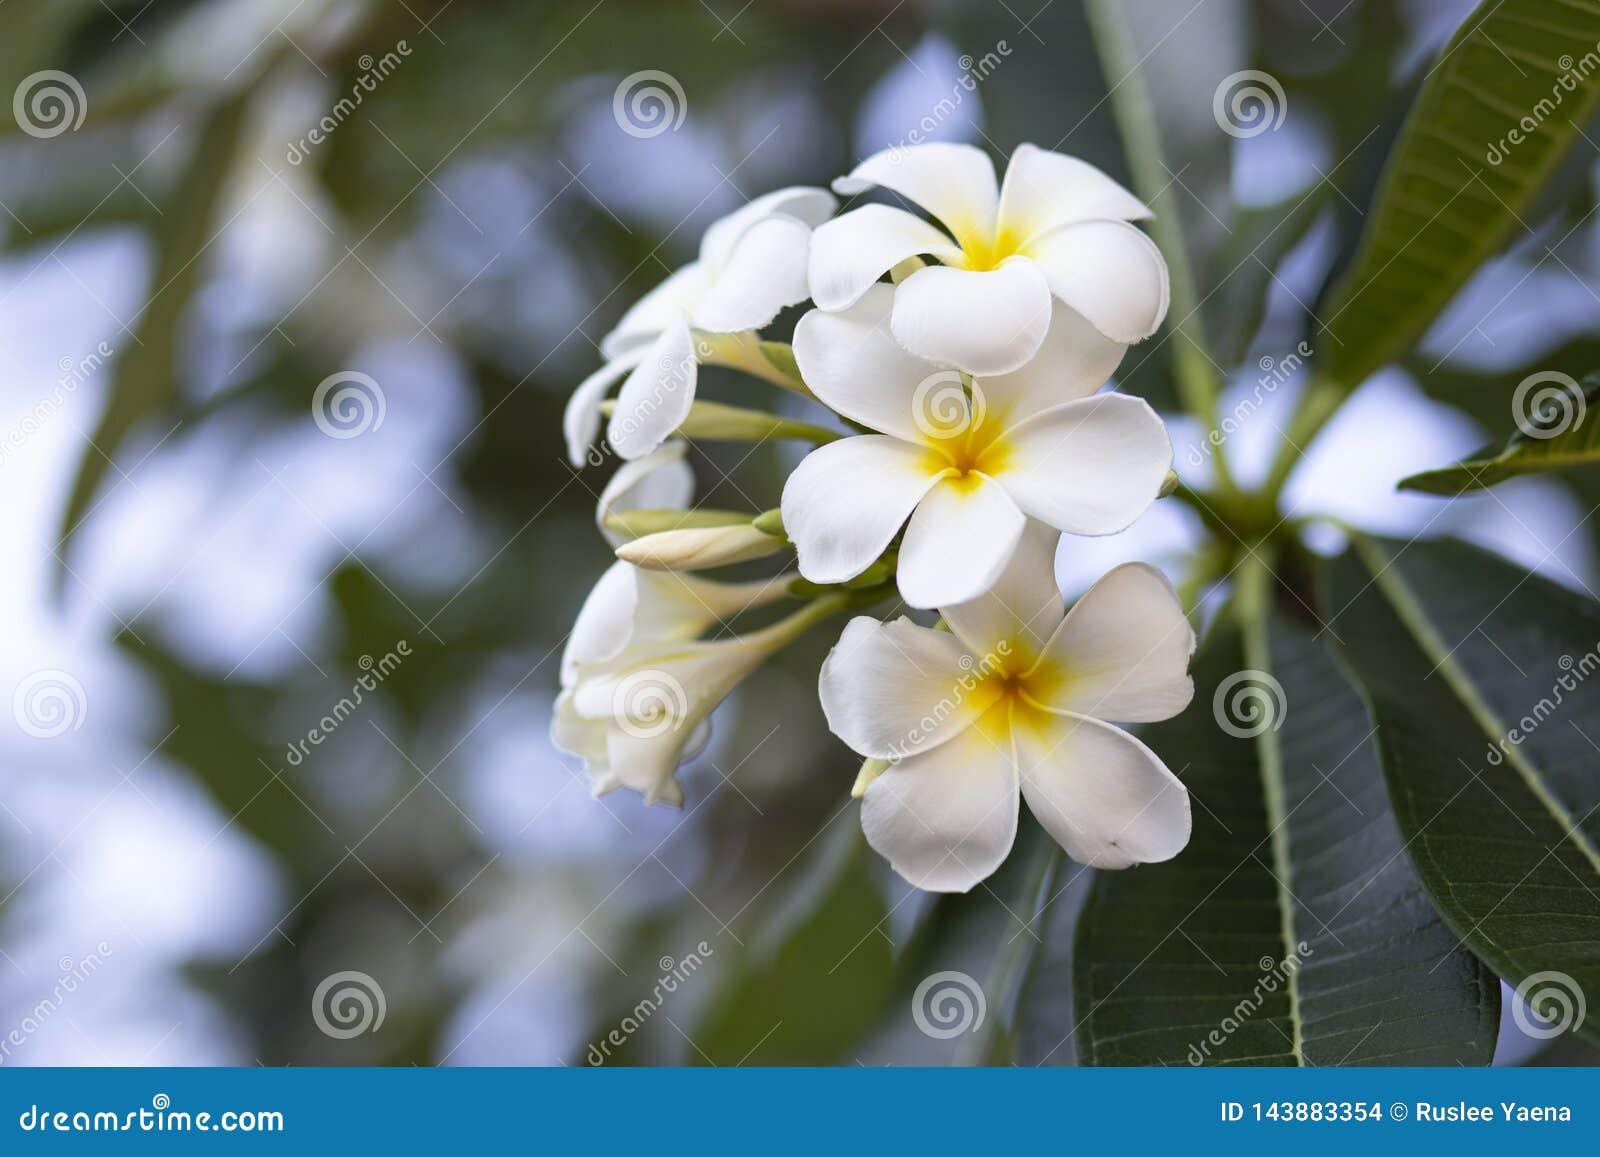 El Frangipani florece el Frangipani blanco y se va hermoso, concepto: Símbolos de relajación del perfume del aroma del balneario,